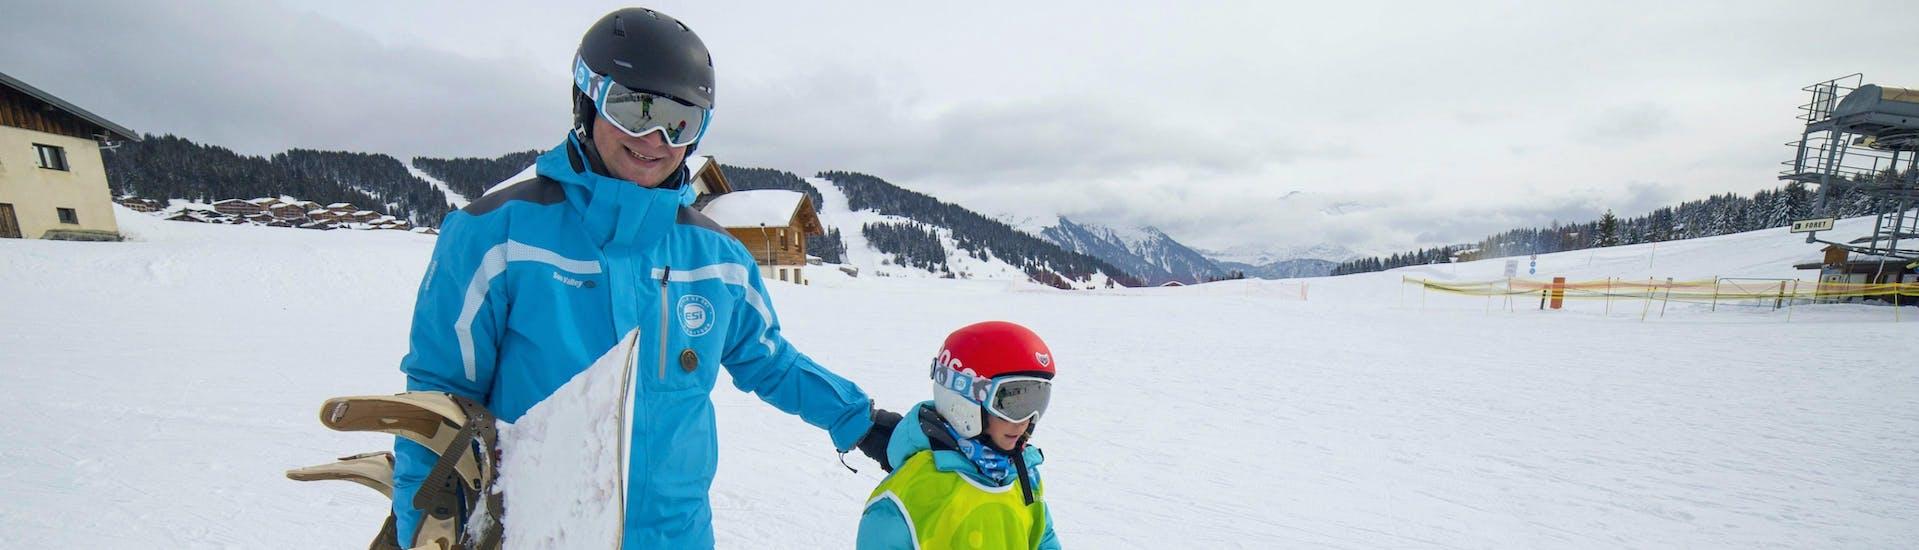 Un snowboardeur et son moniteur de snowboard de l'école de ski ESI Font Romeu marchent en bas des pistes enneigées pendant leur Cours particulier de snowboard Enfants & Adultes - Vacances.